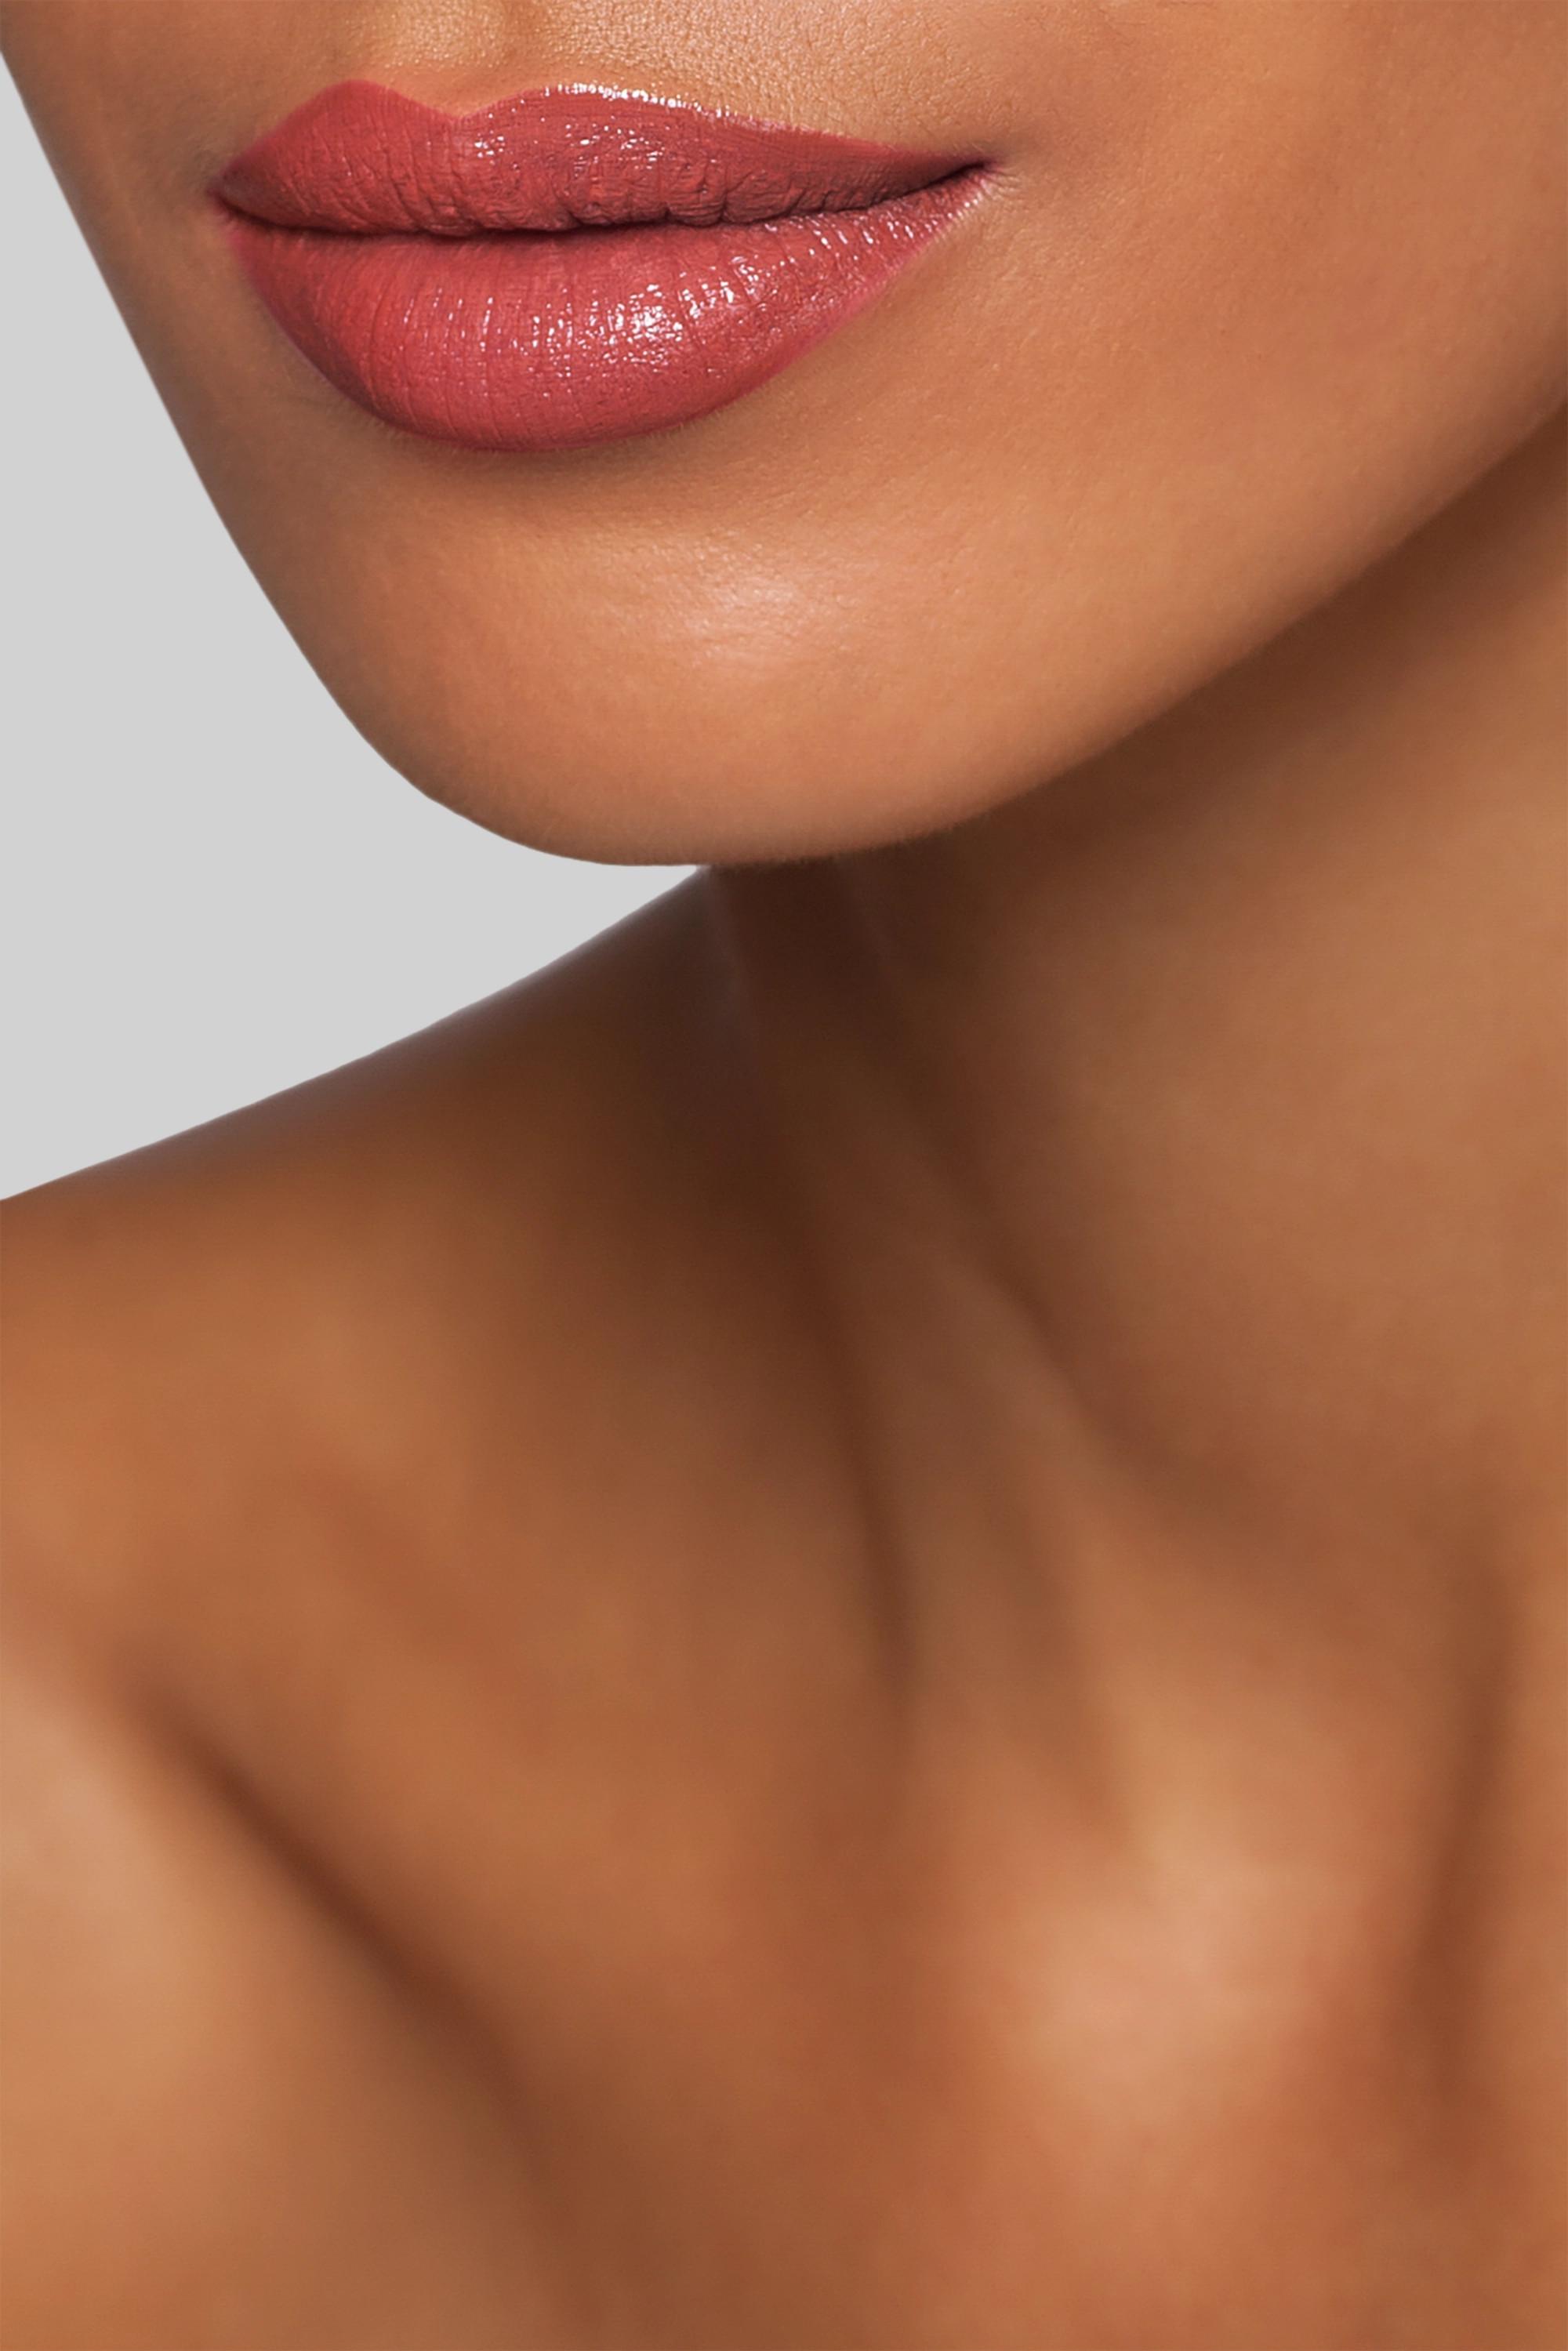 Charlotte Tilbury Hot Lips 2 Glowing Jen